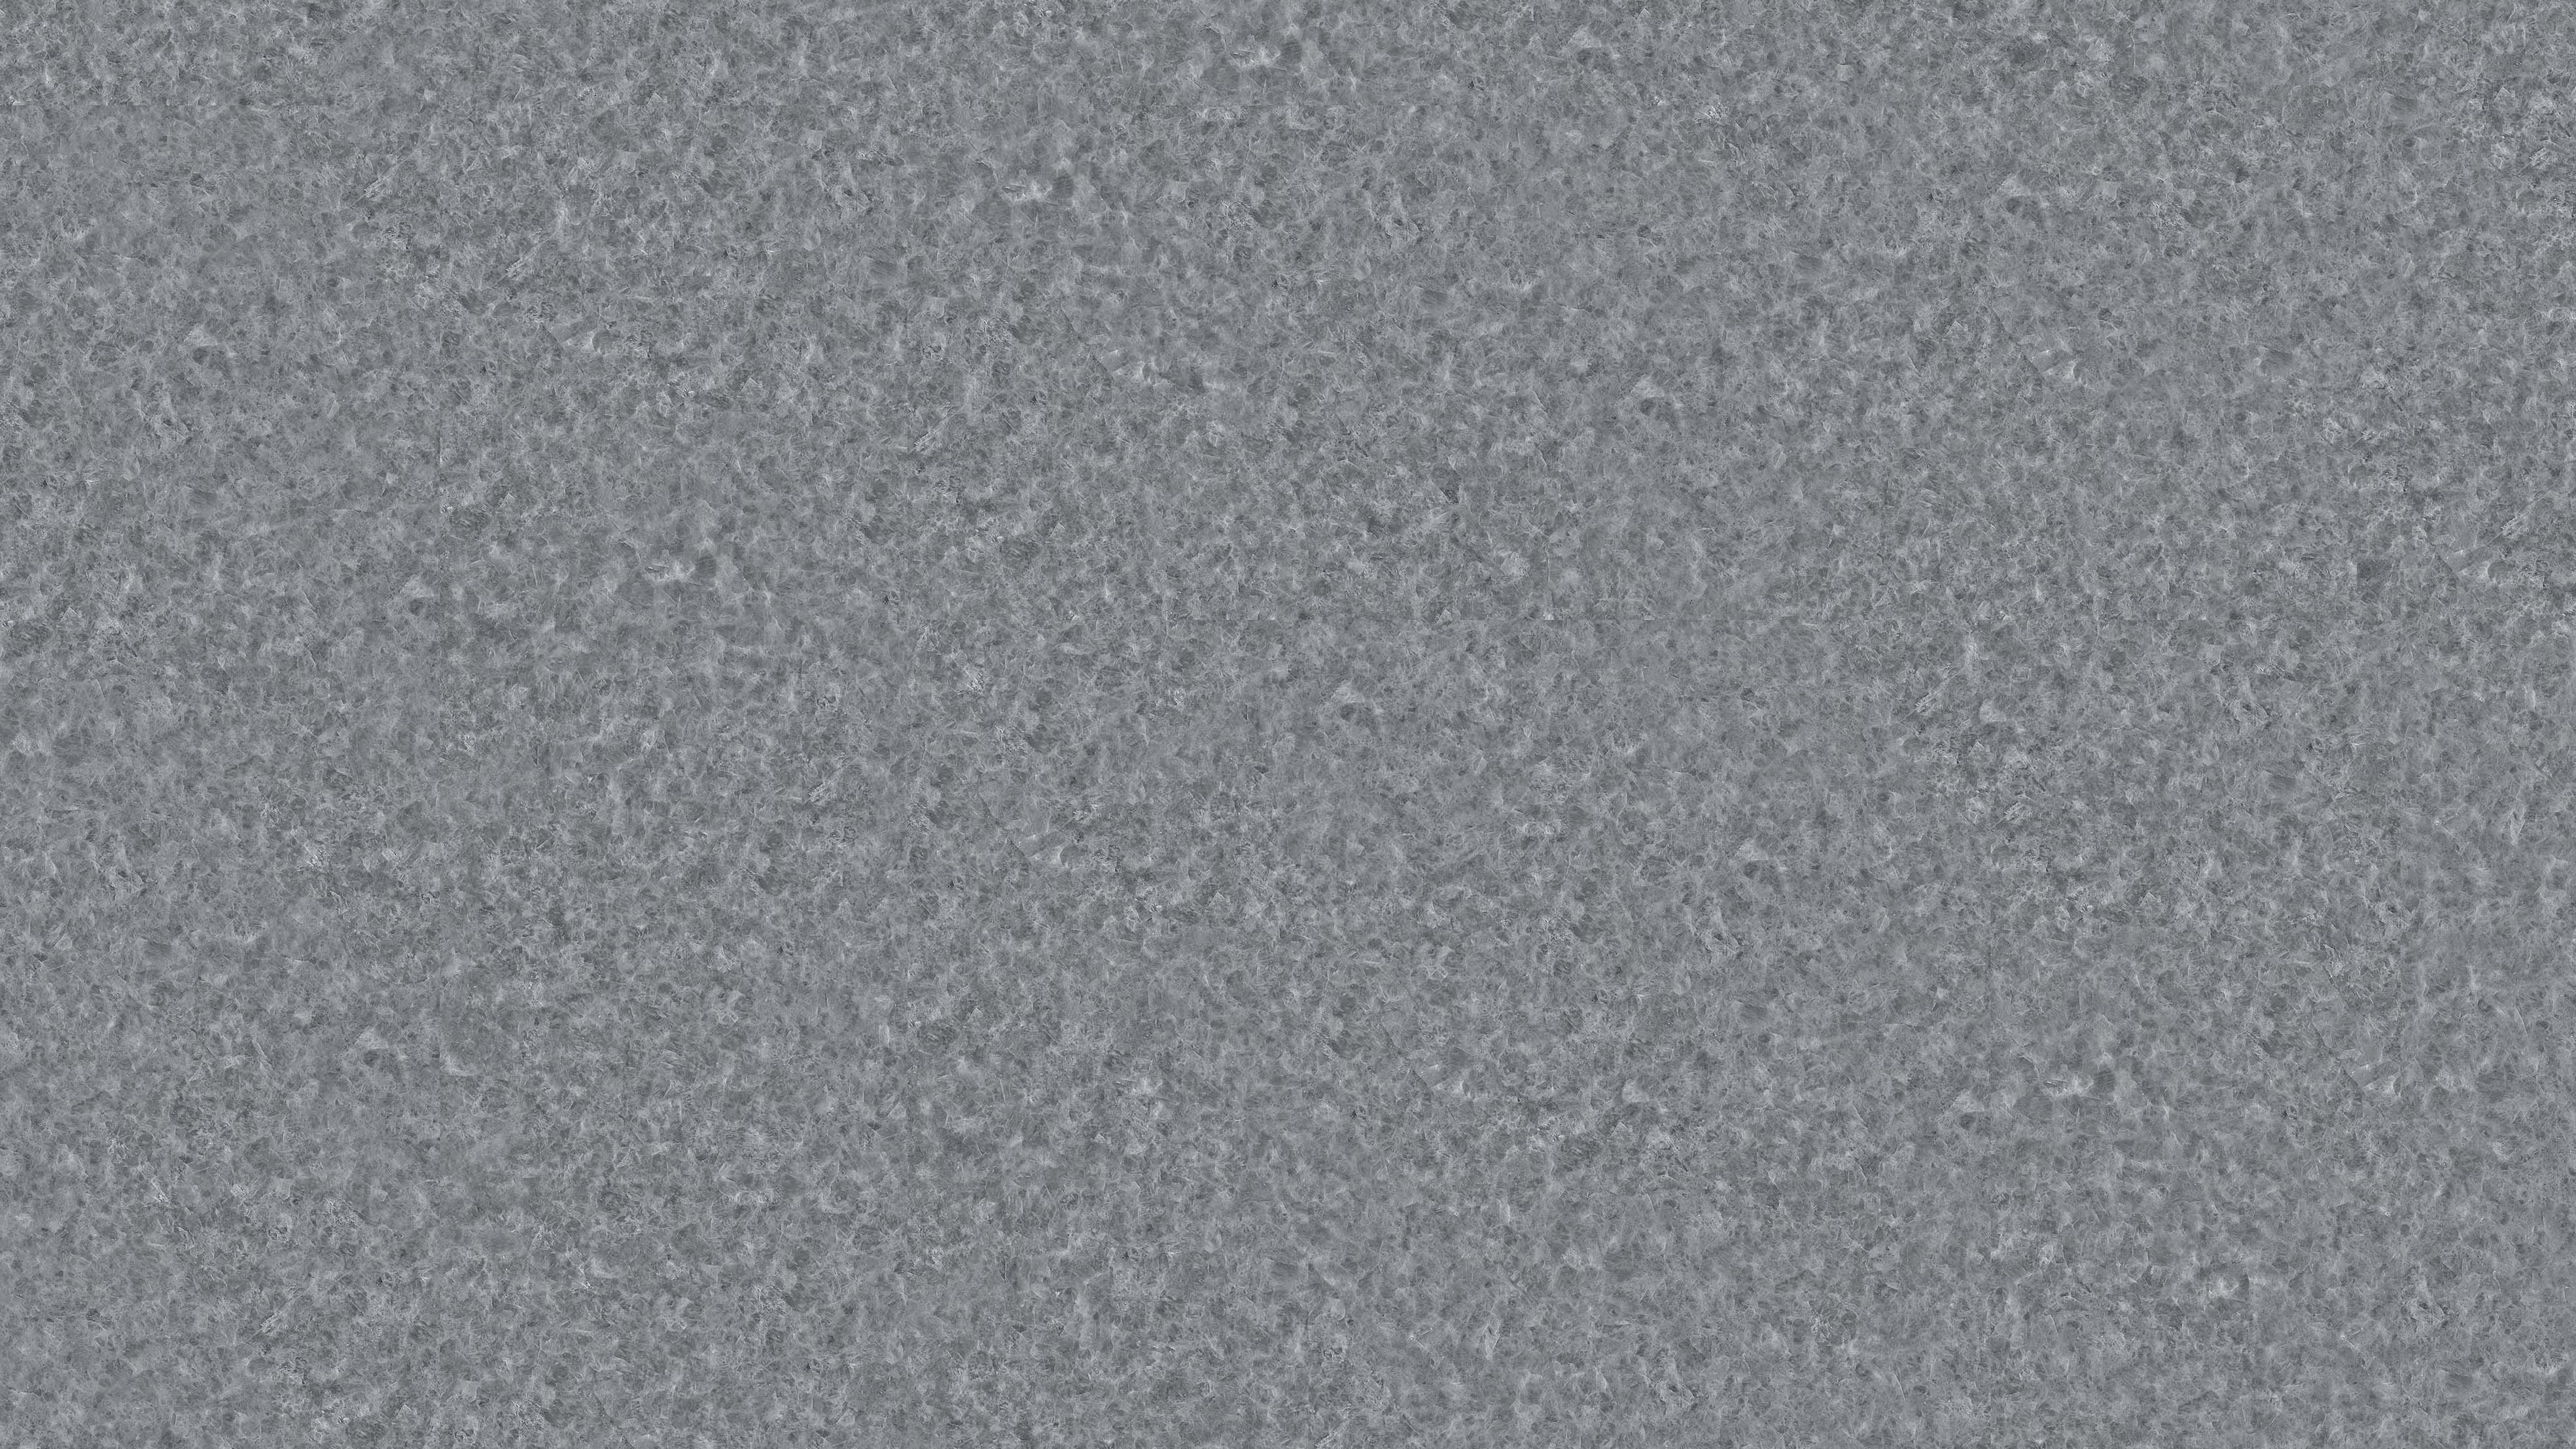 HPEBM1890017砂岩深灰